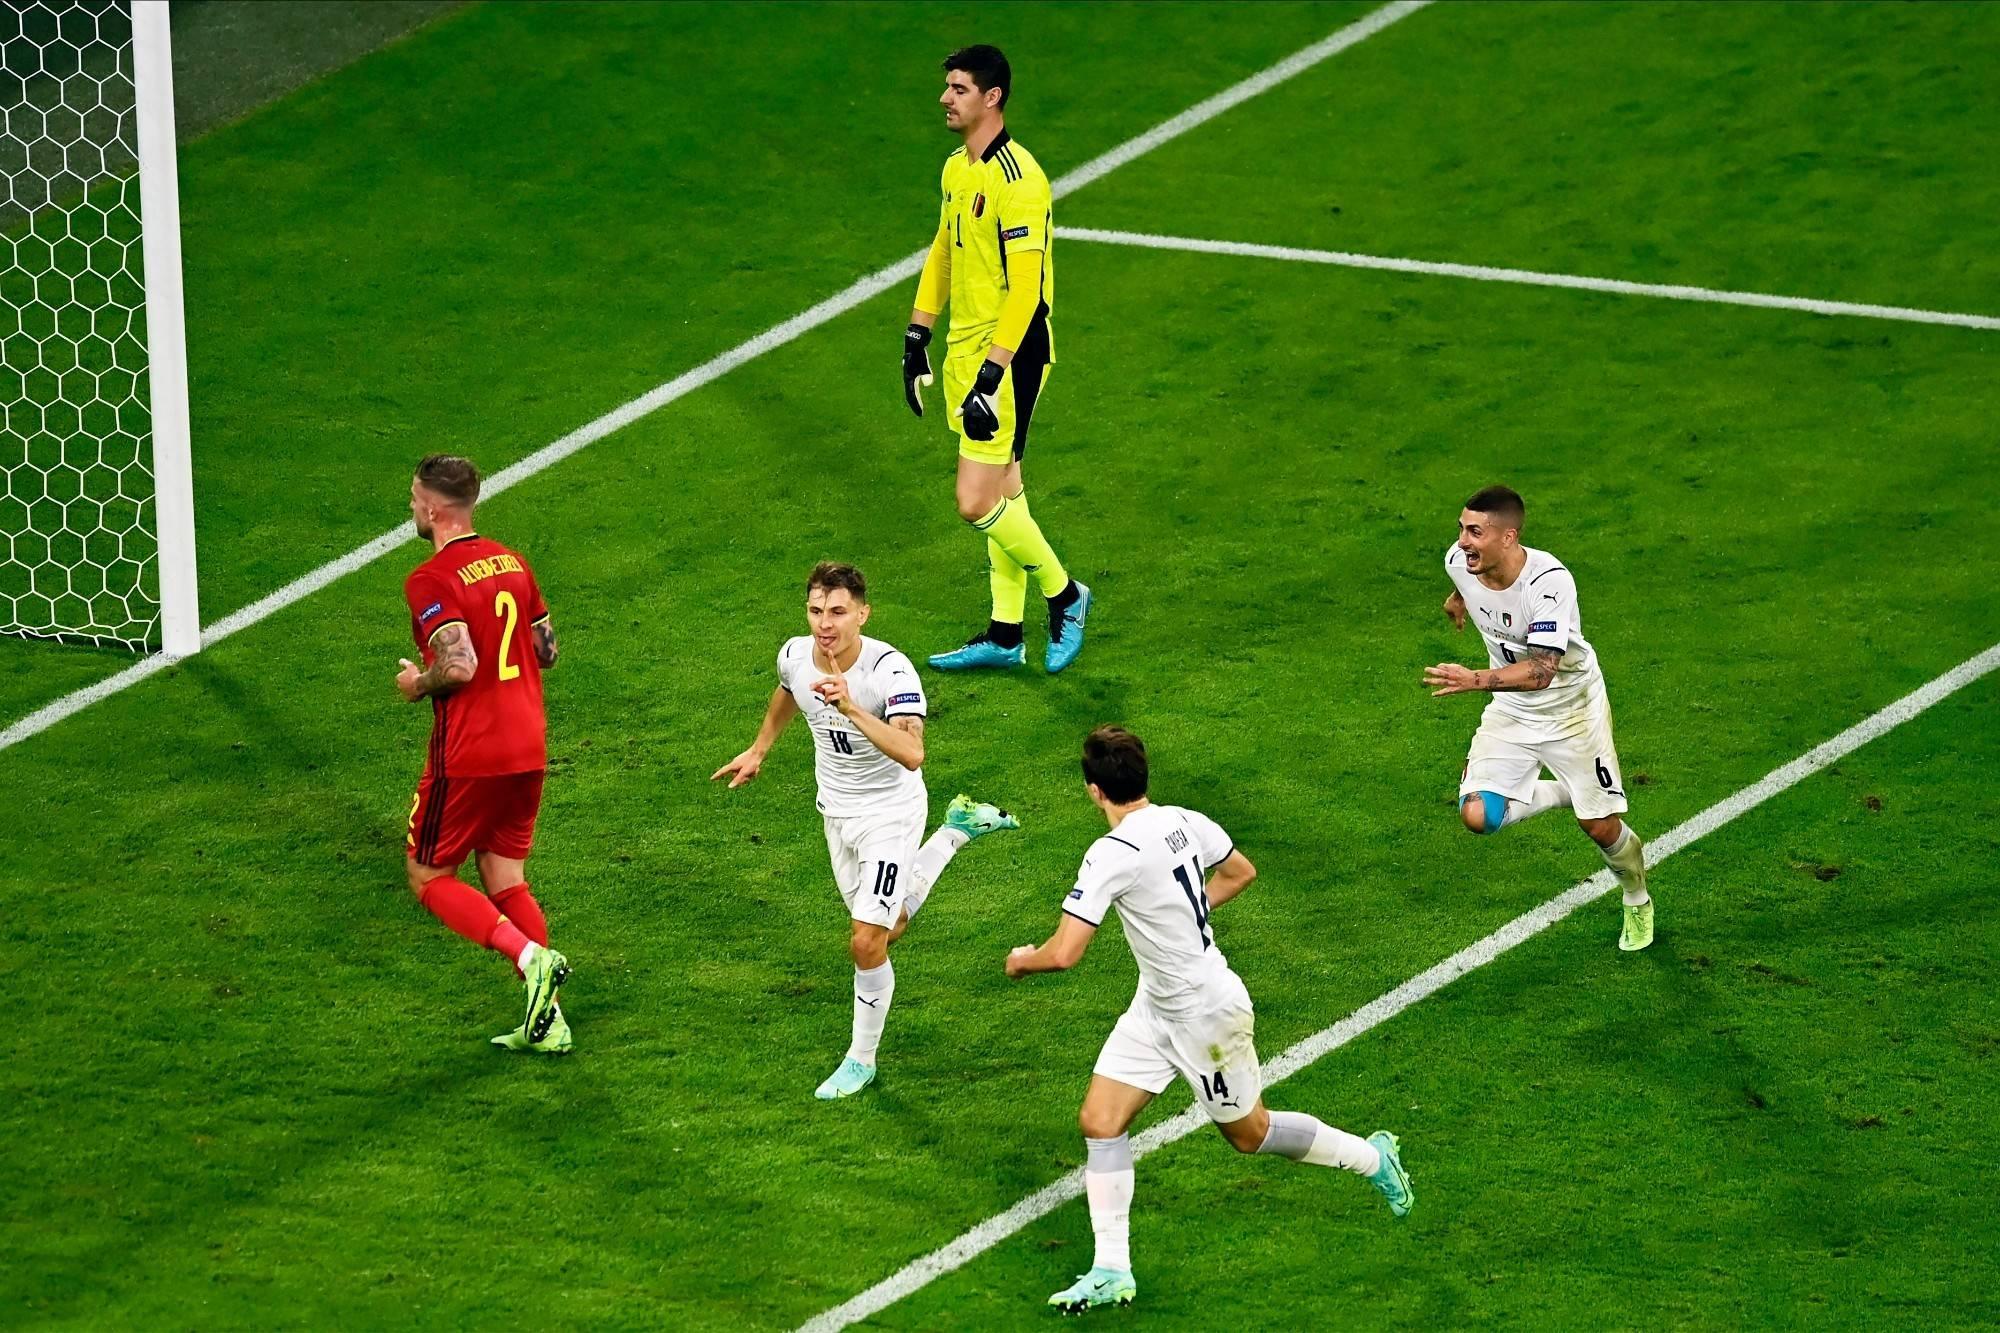 欧洲杯战报因西涅世界波,意大利2-1战胜比利时晋级四强!